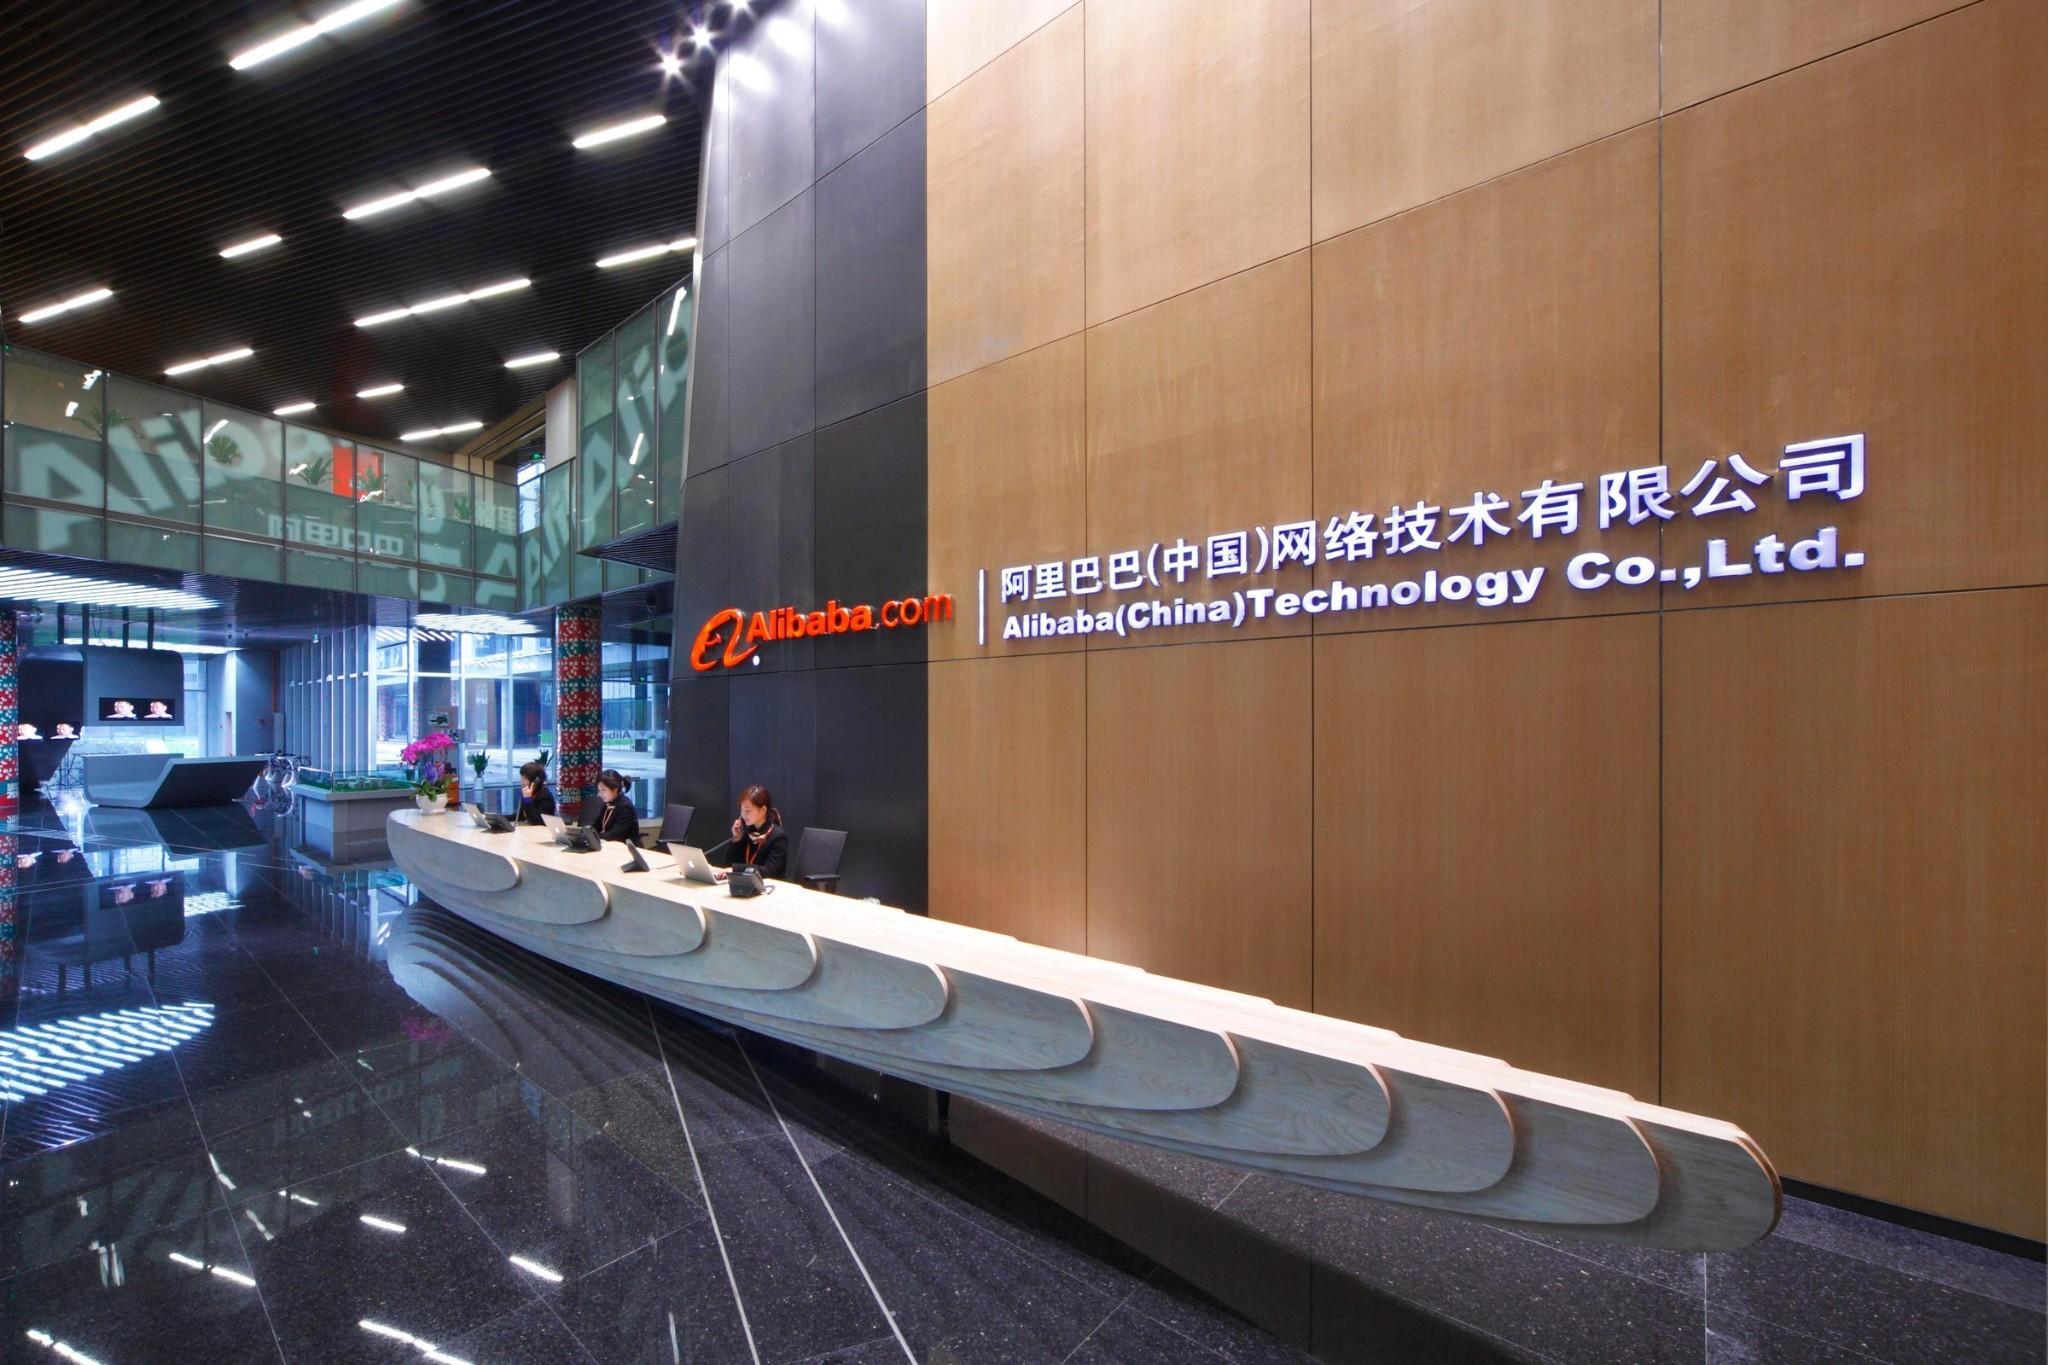 Strange bedfellows: Amazon opens store on Alibaba site